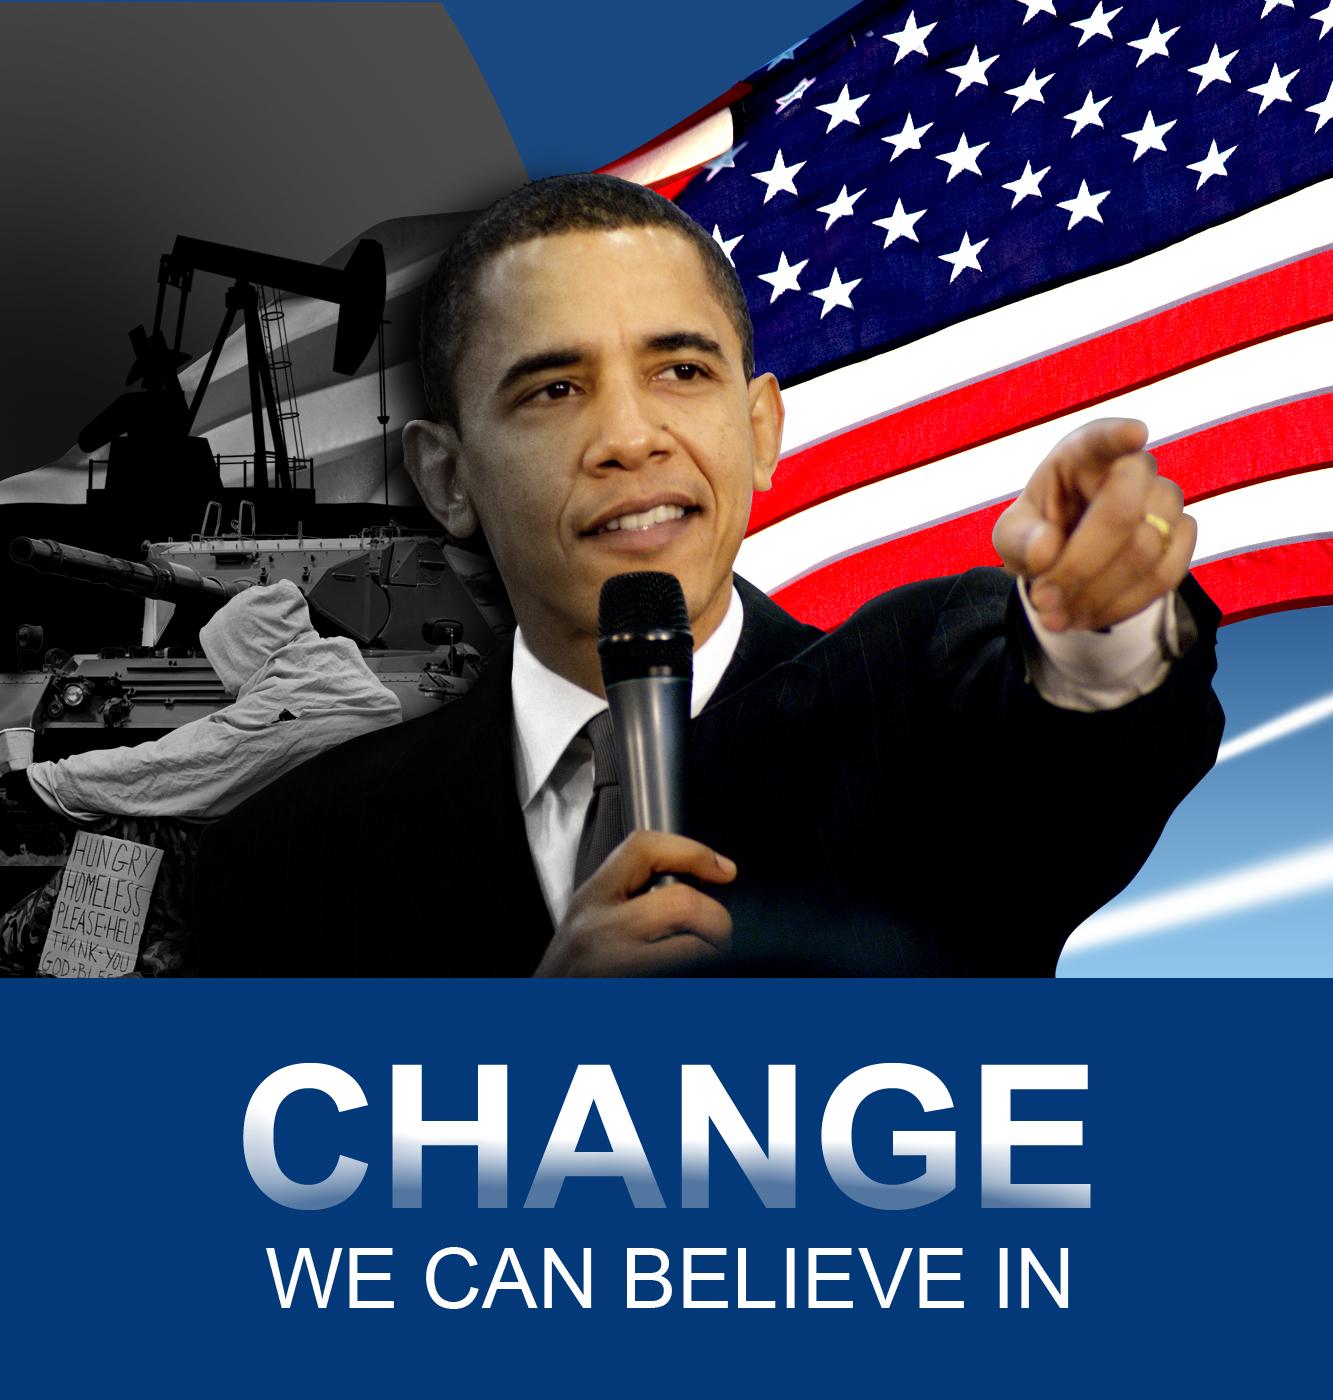 ObamaChangeWeBelievePic.jpg